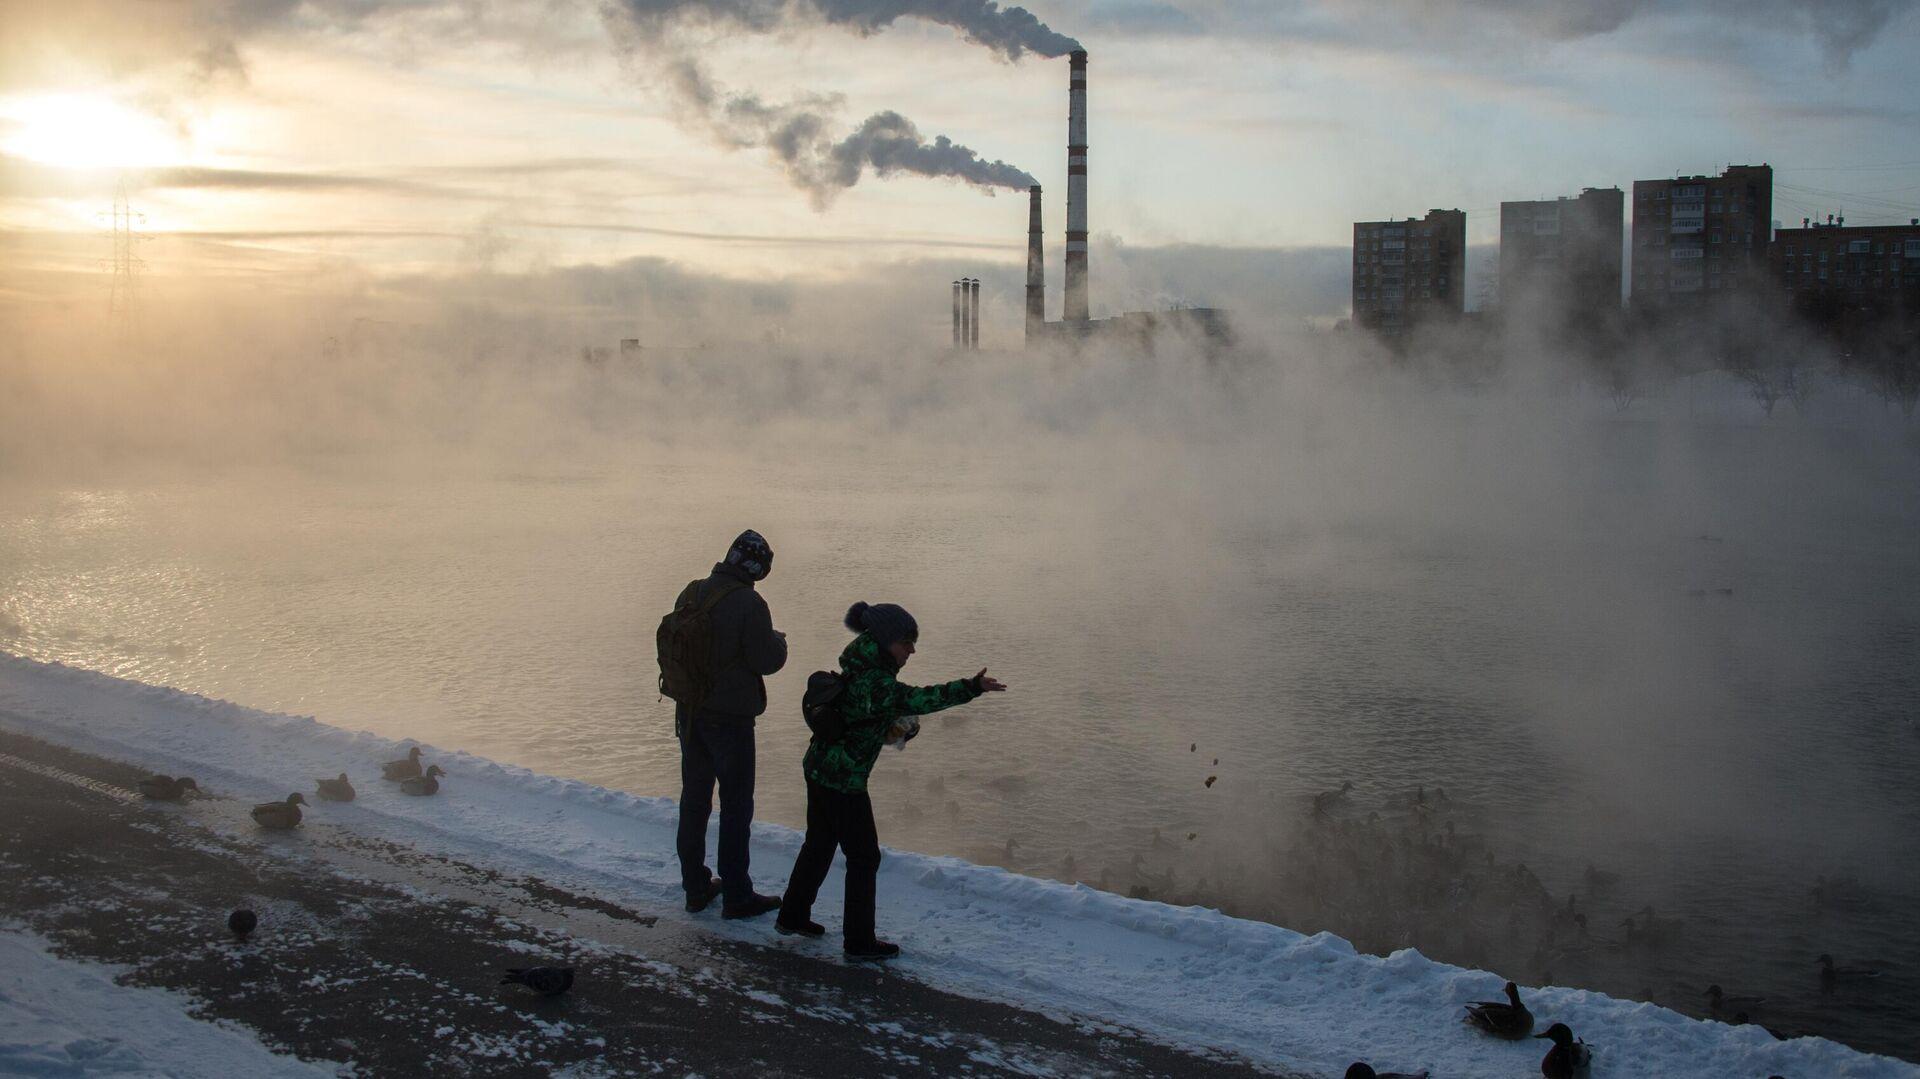 Прохожие на Кожуховском пруду в Москве - РИА Новости, 1920, 21.02.2021